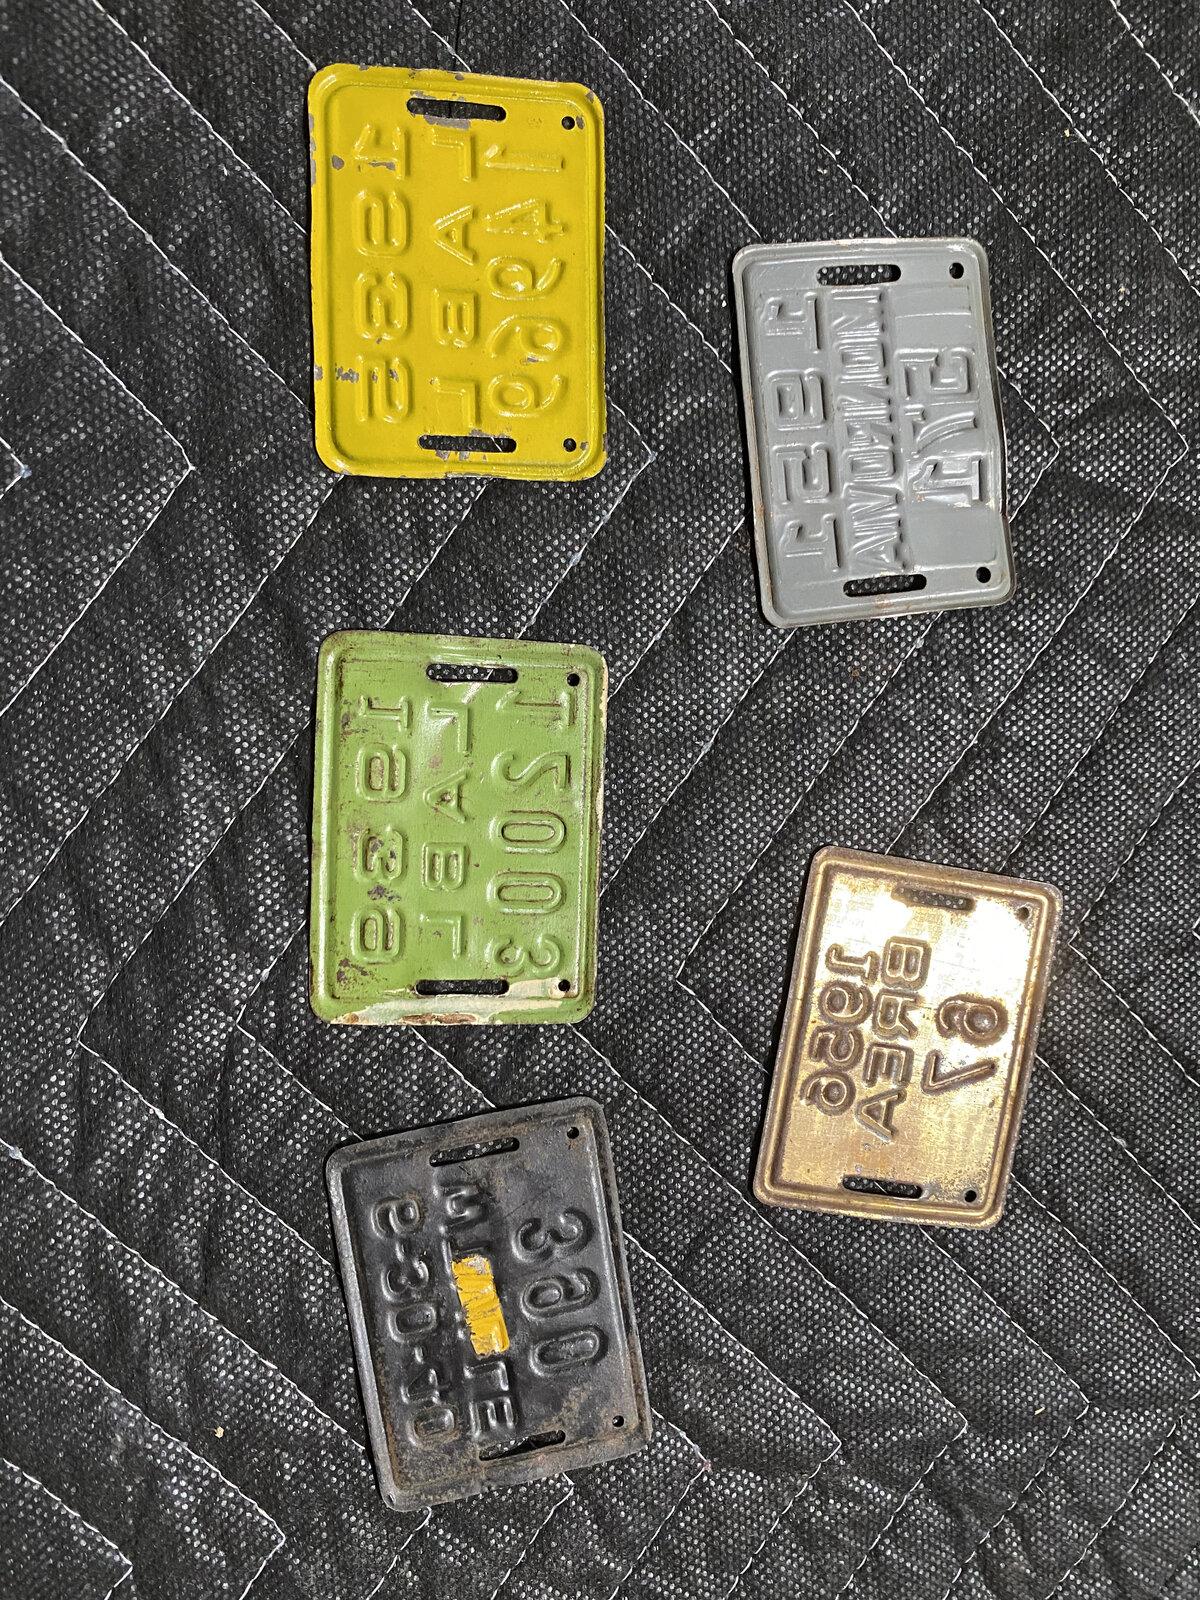 CE880961-591D-42D0-89A1-A8E8C32DCD18.jpeg